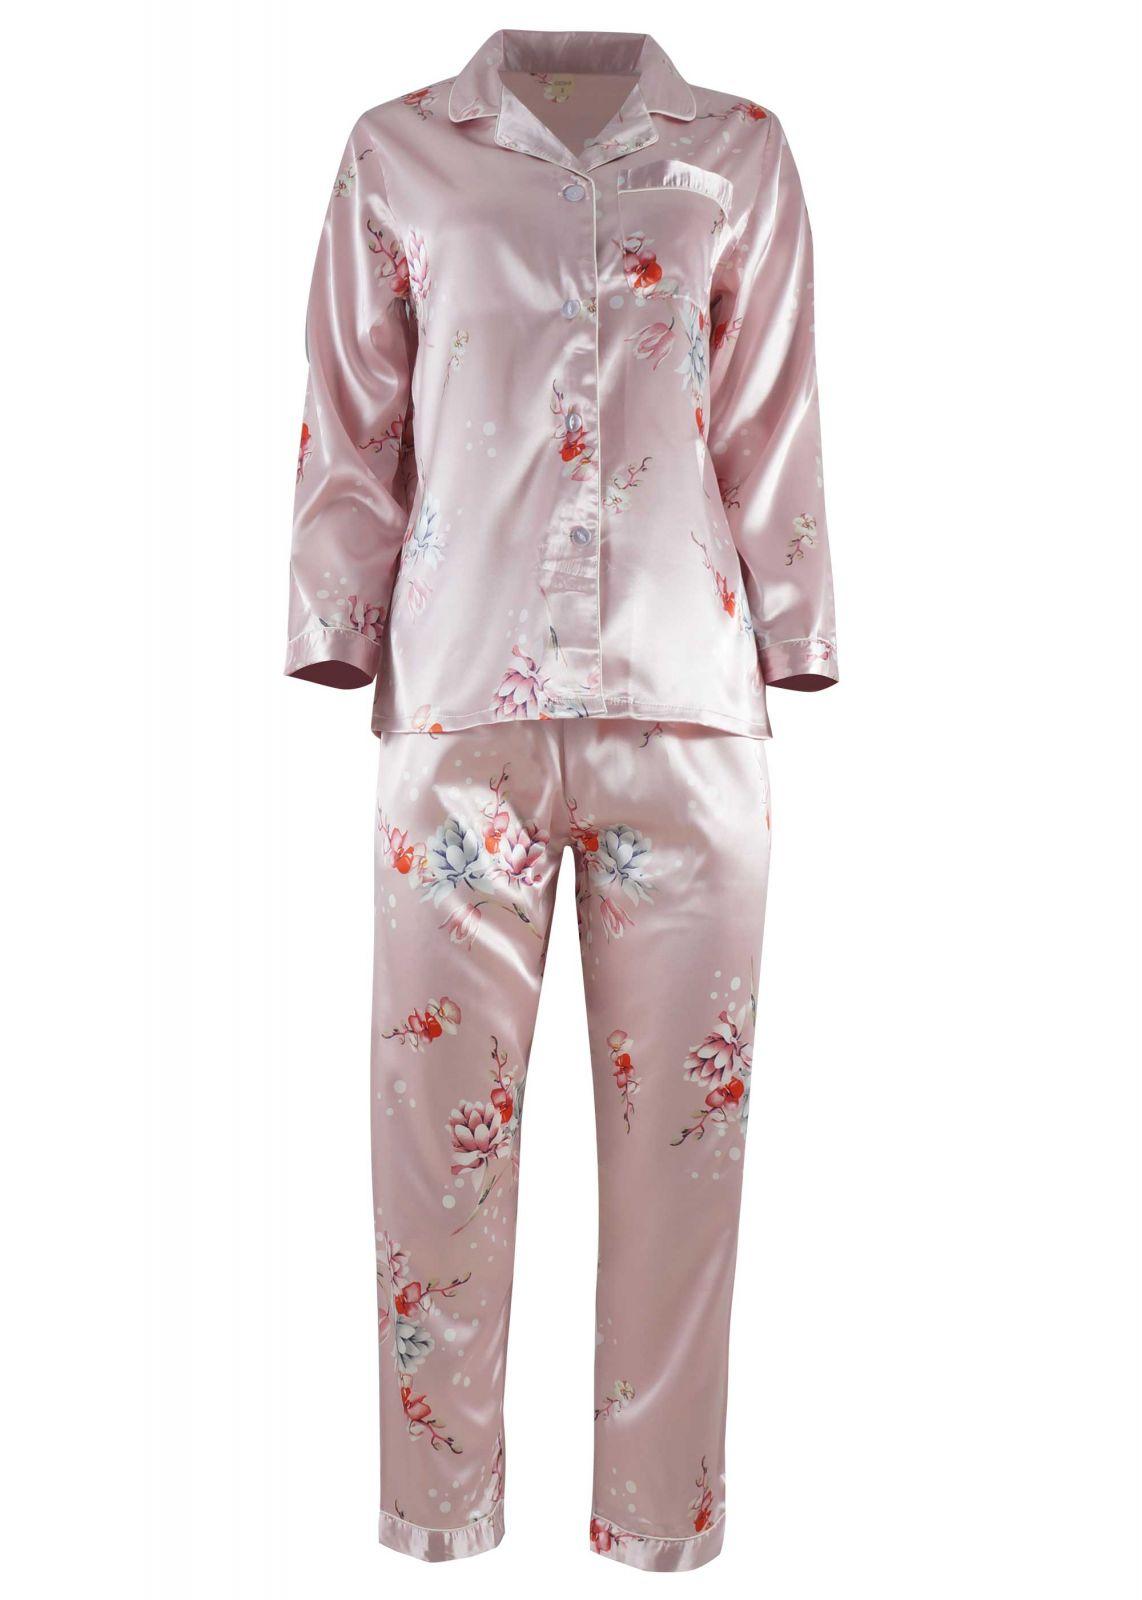 Γυναικεία saten πιτζάμα με κουμπιά floral print ΡΟΖ